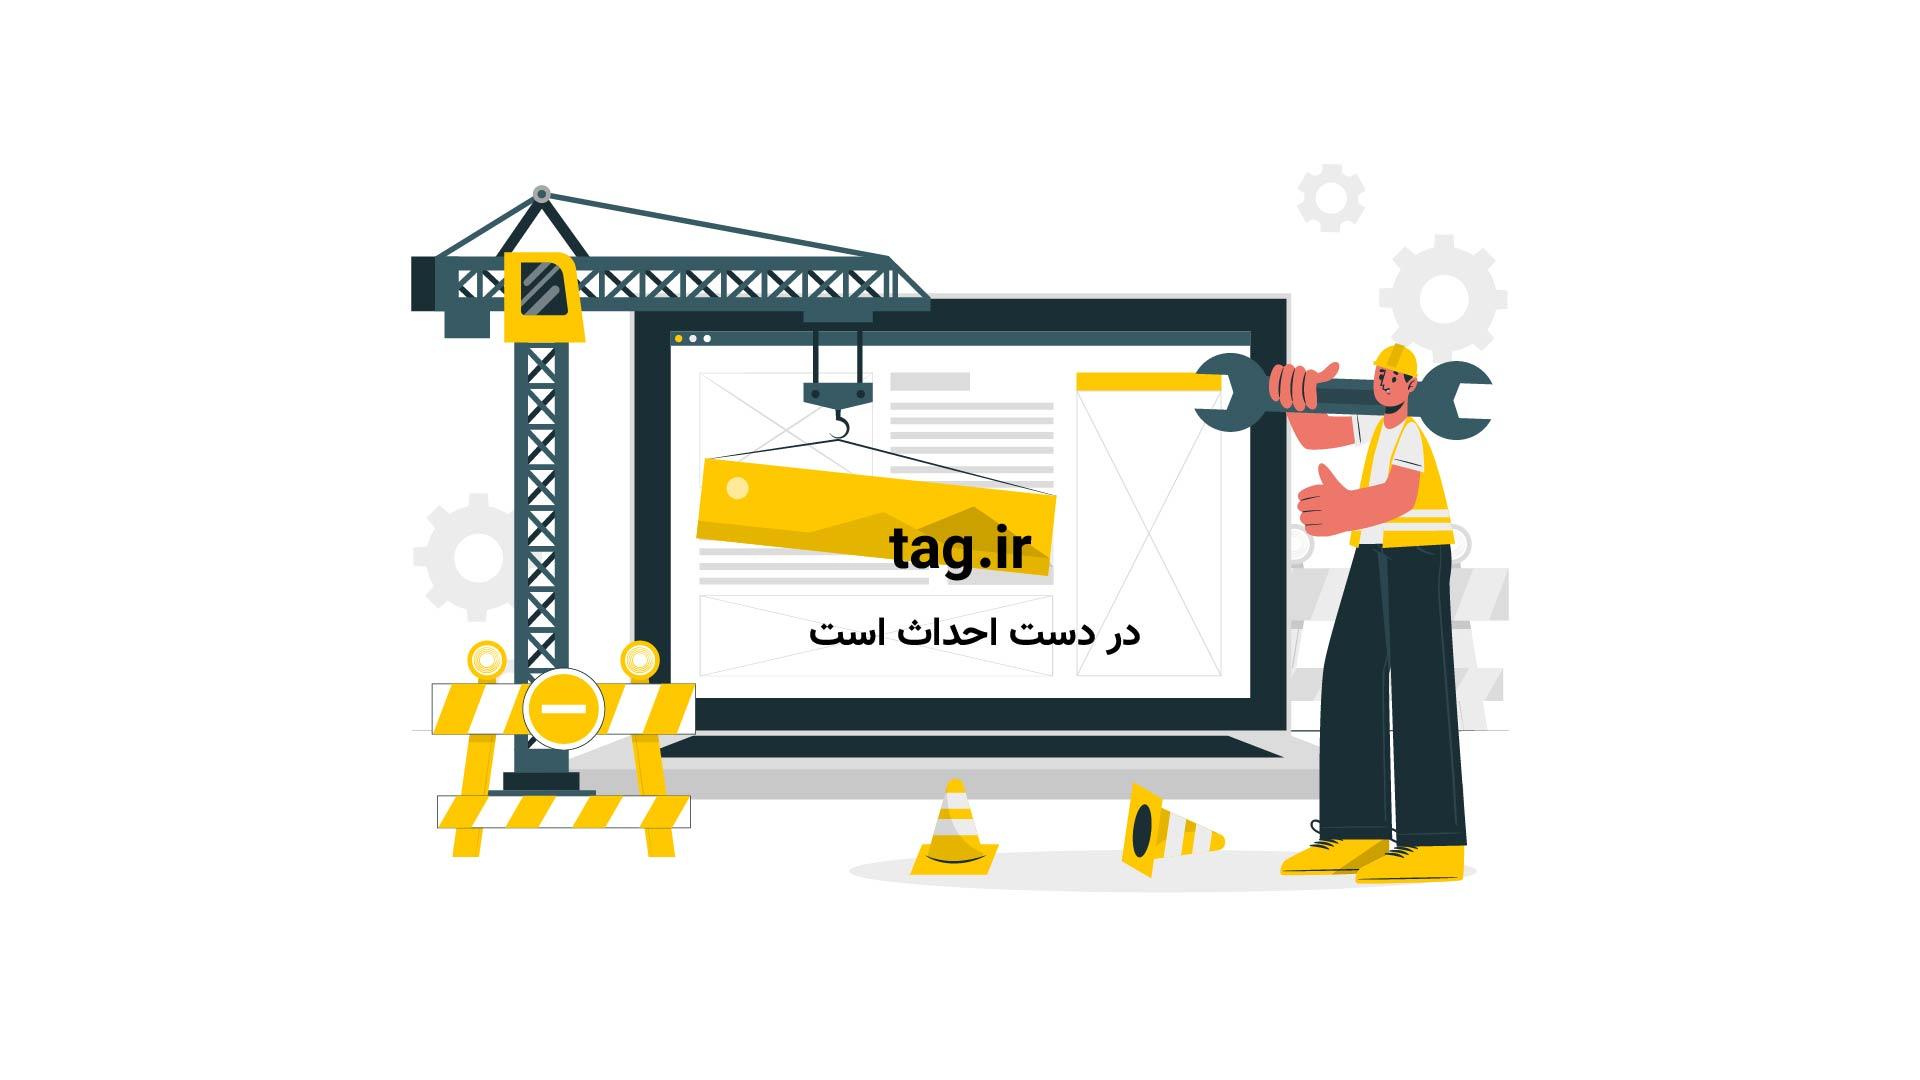 حمله گروهی شیرها برای از پا درآوردن و به زمین انداختن زرافه|تگ